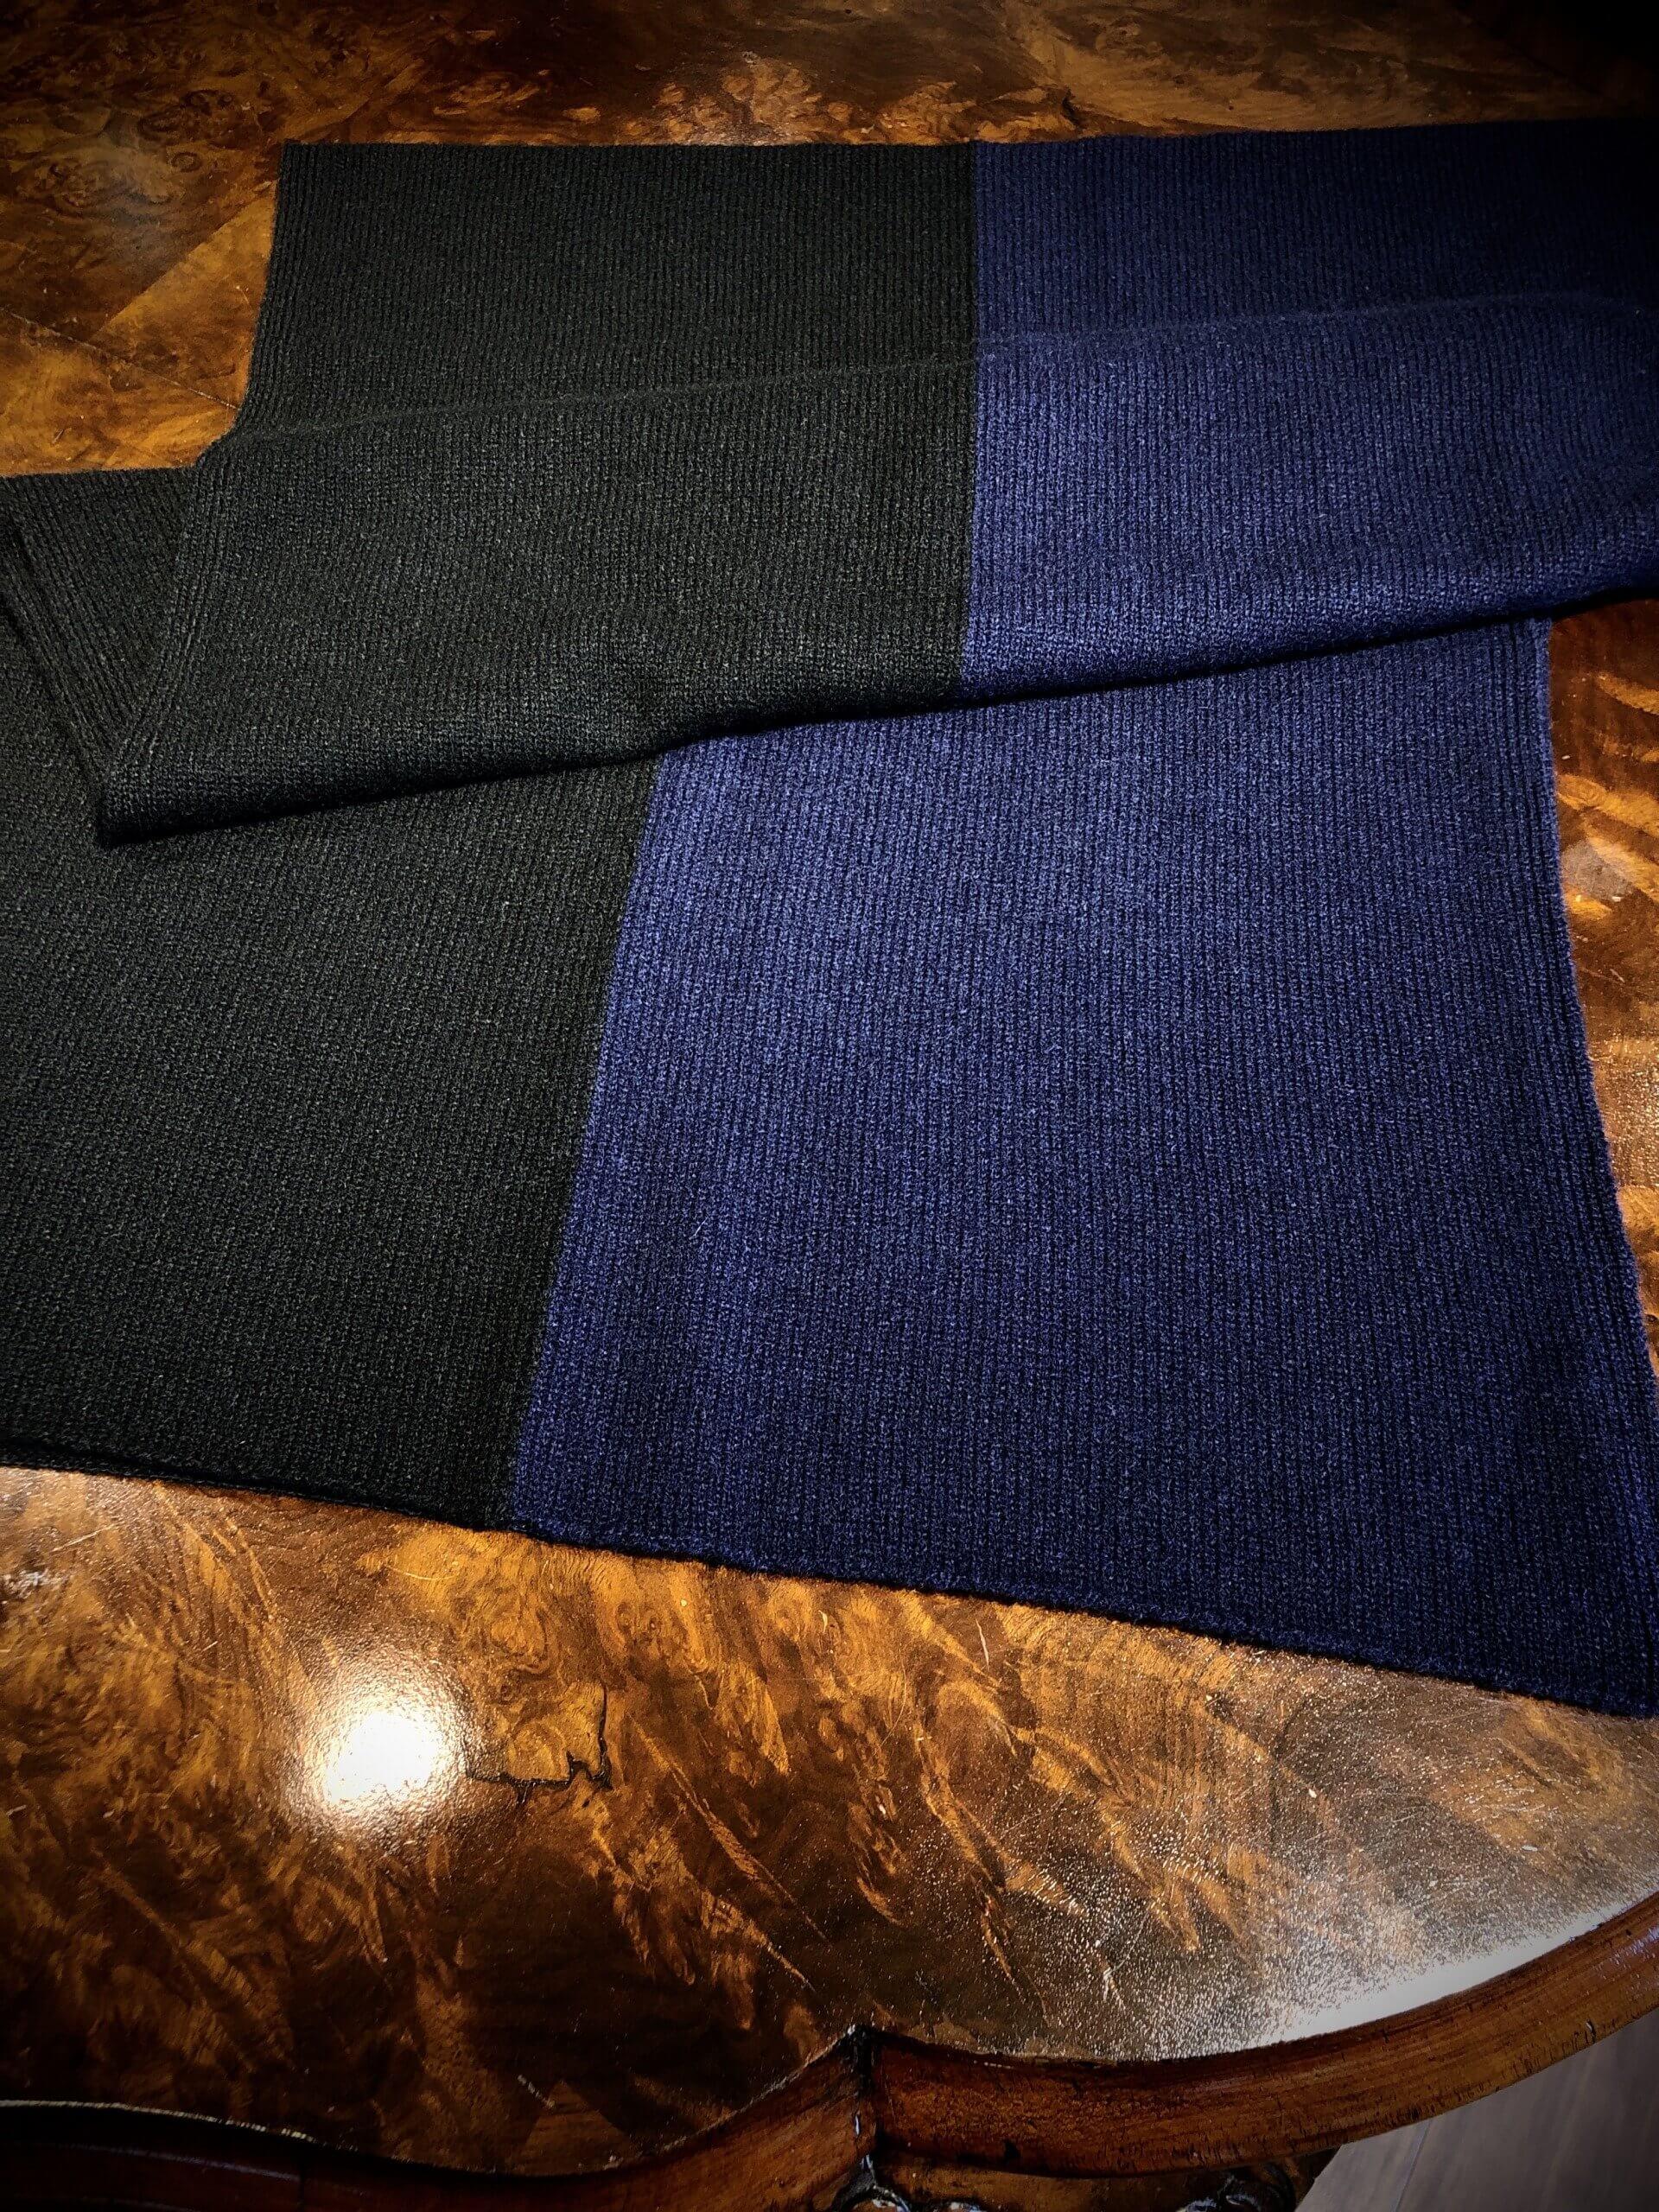 Knitwear_20201111_knitwear_9.jpg